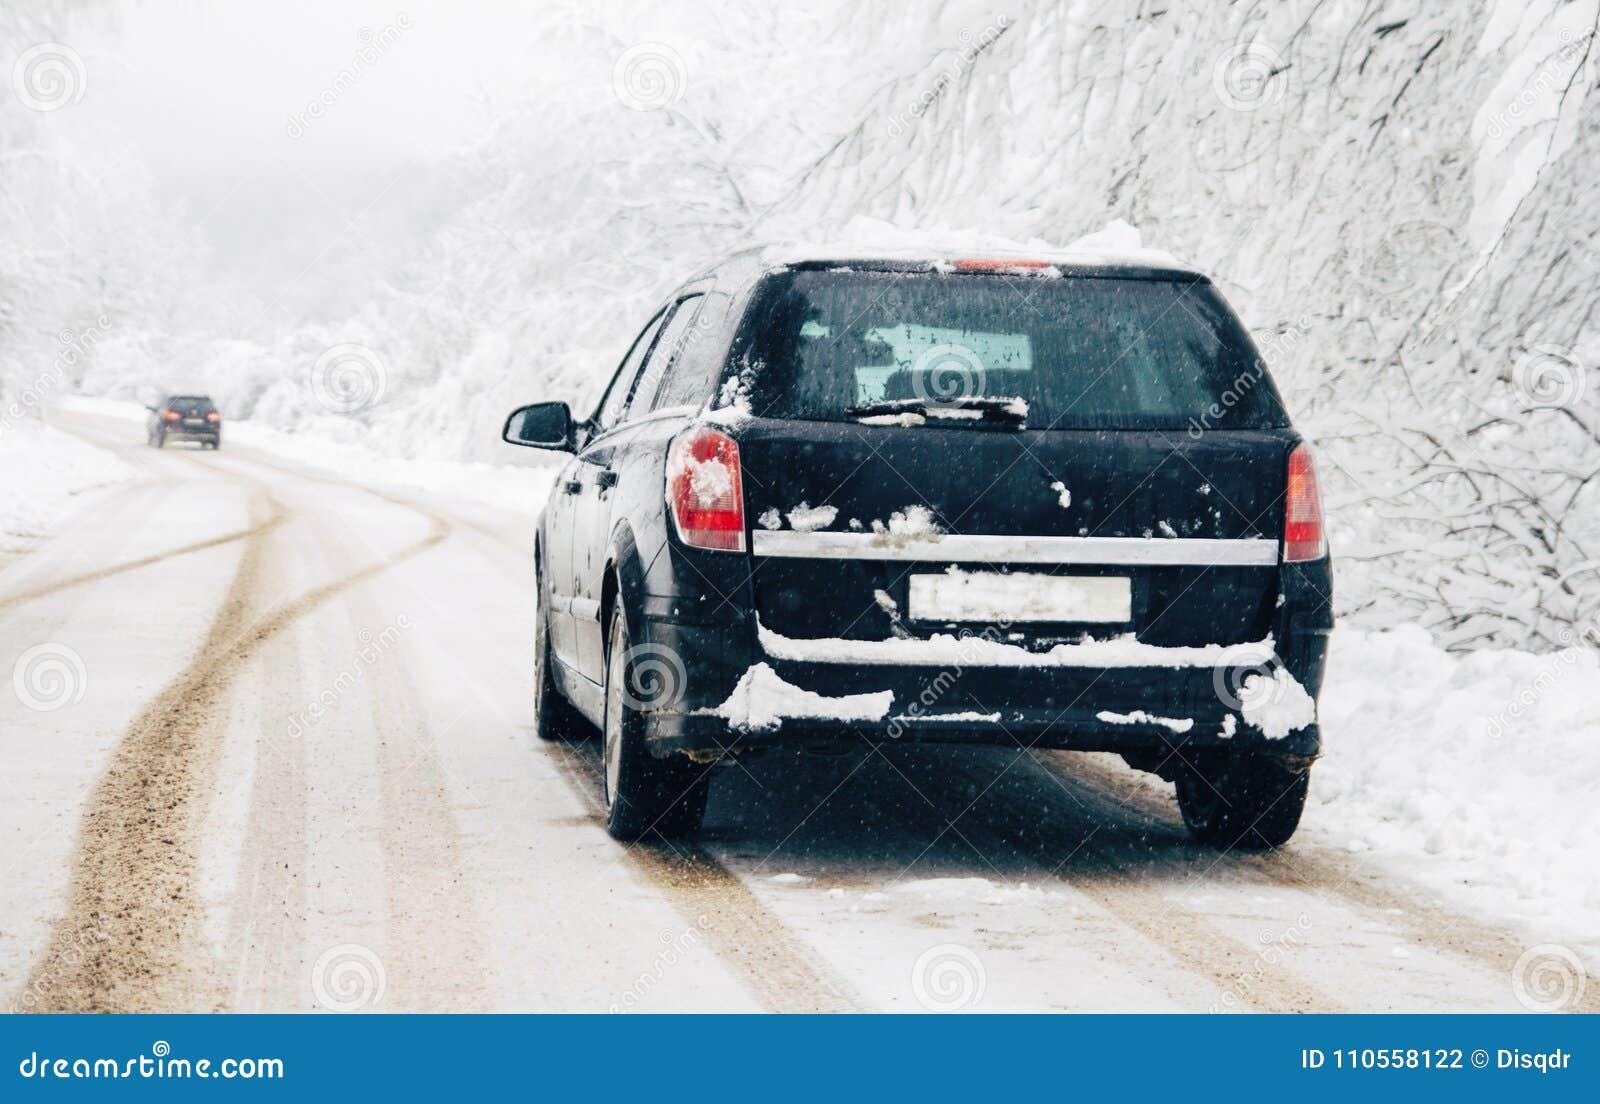 驾车在雪飞雪